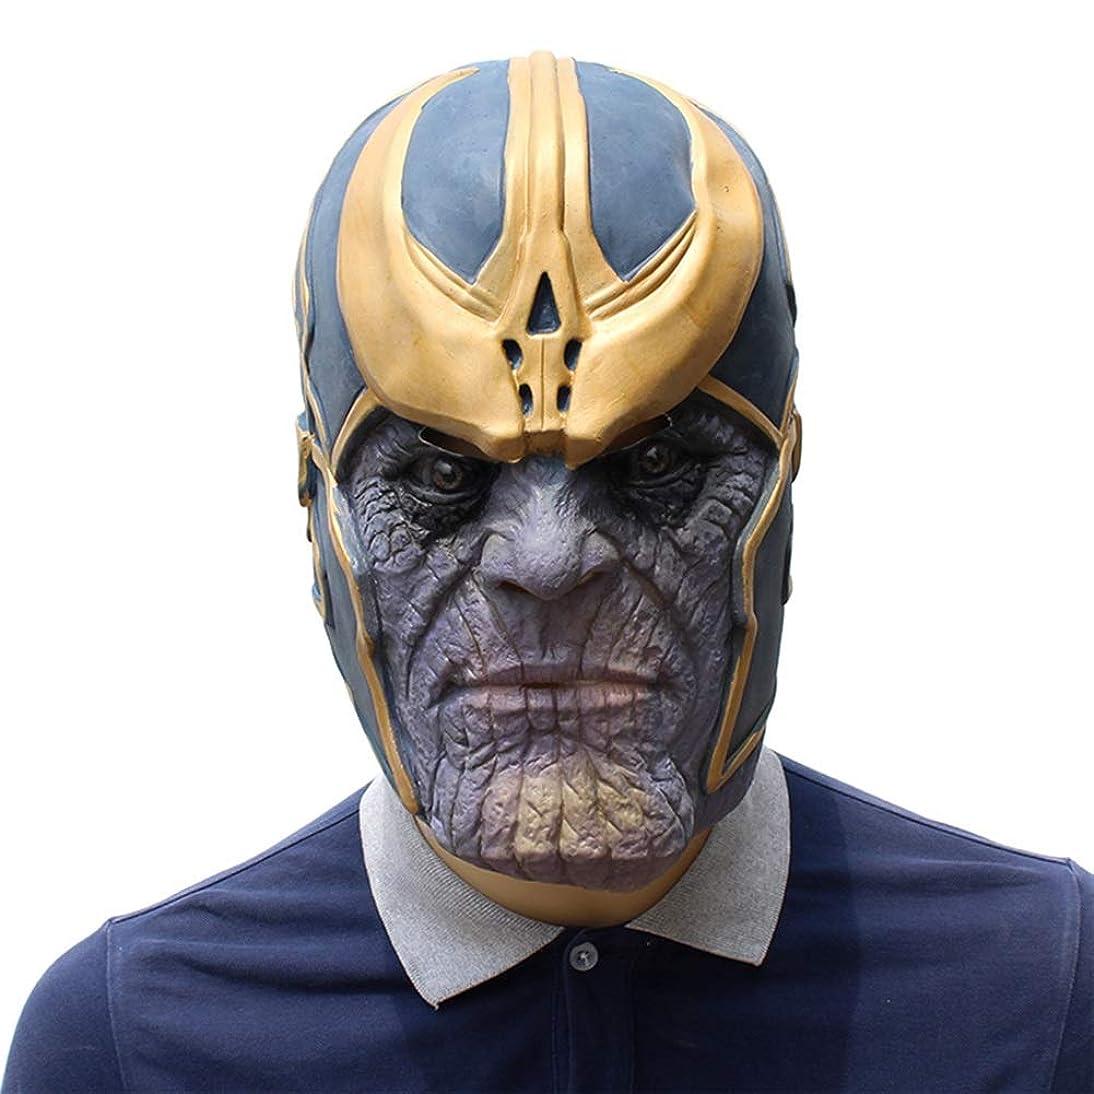 最近医薬制限されたハロウィーンホラーマスク、ファイターラテックスヘッドマスク、クリエイティブファニーVizardマスク、コスチュームプロップトカゲマスク